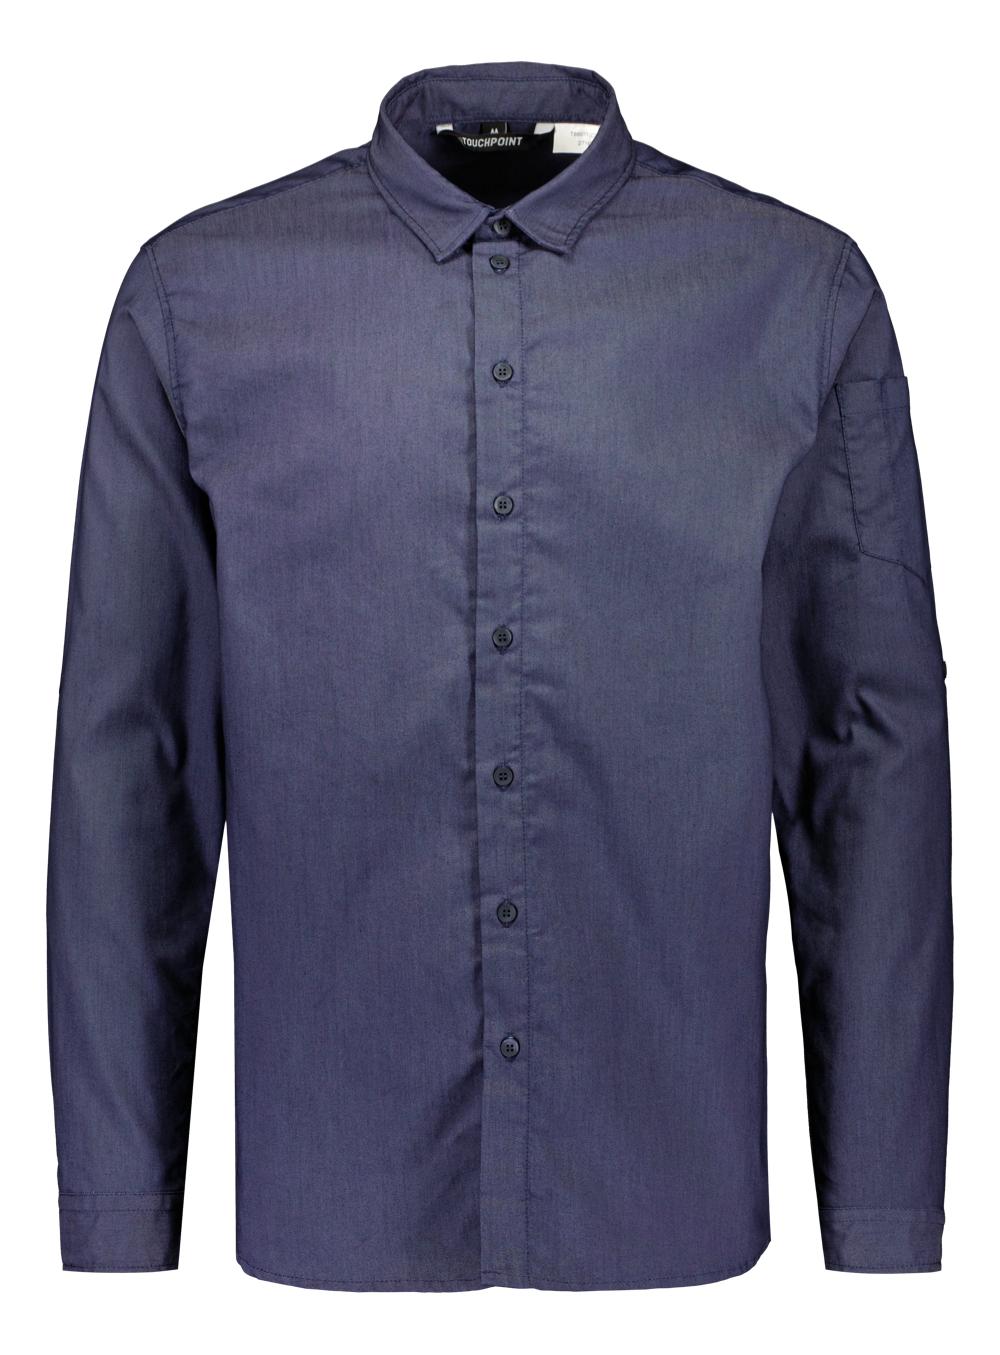 Tomas miesten paitapusero, sininen